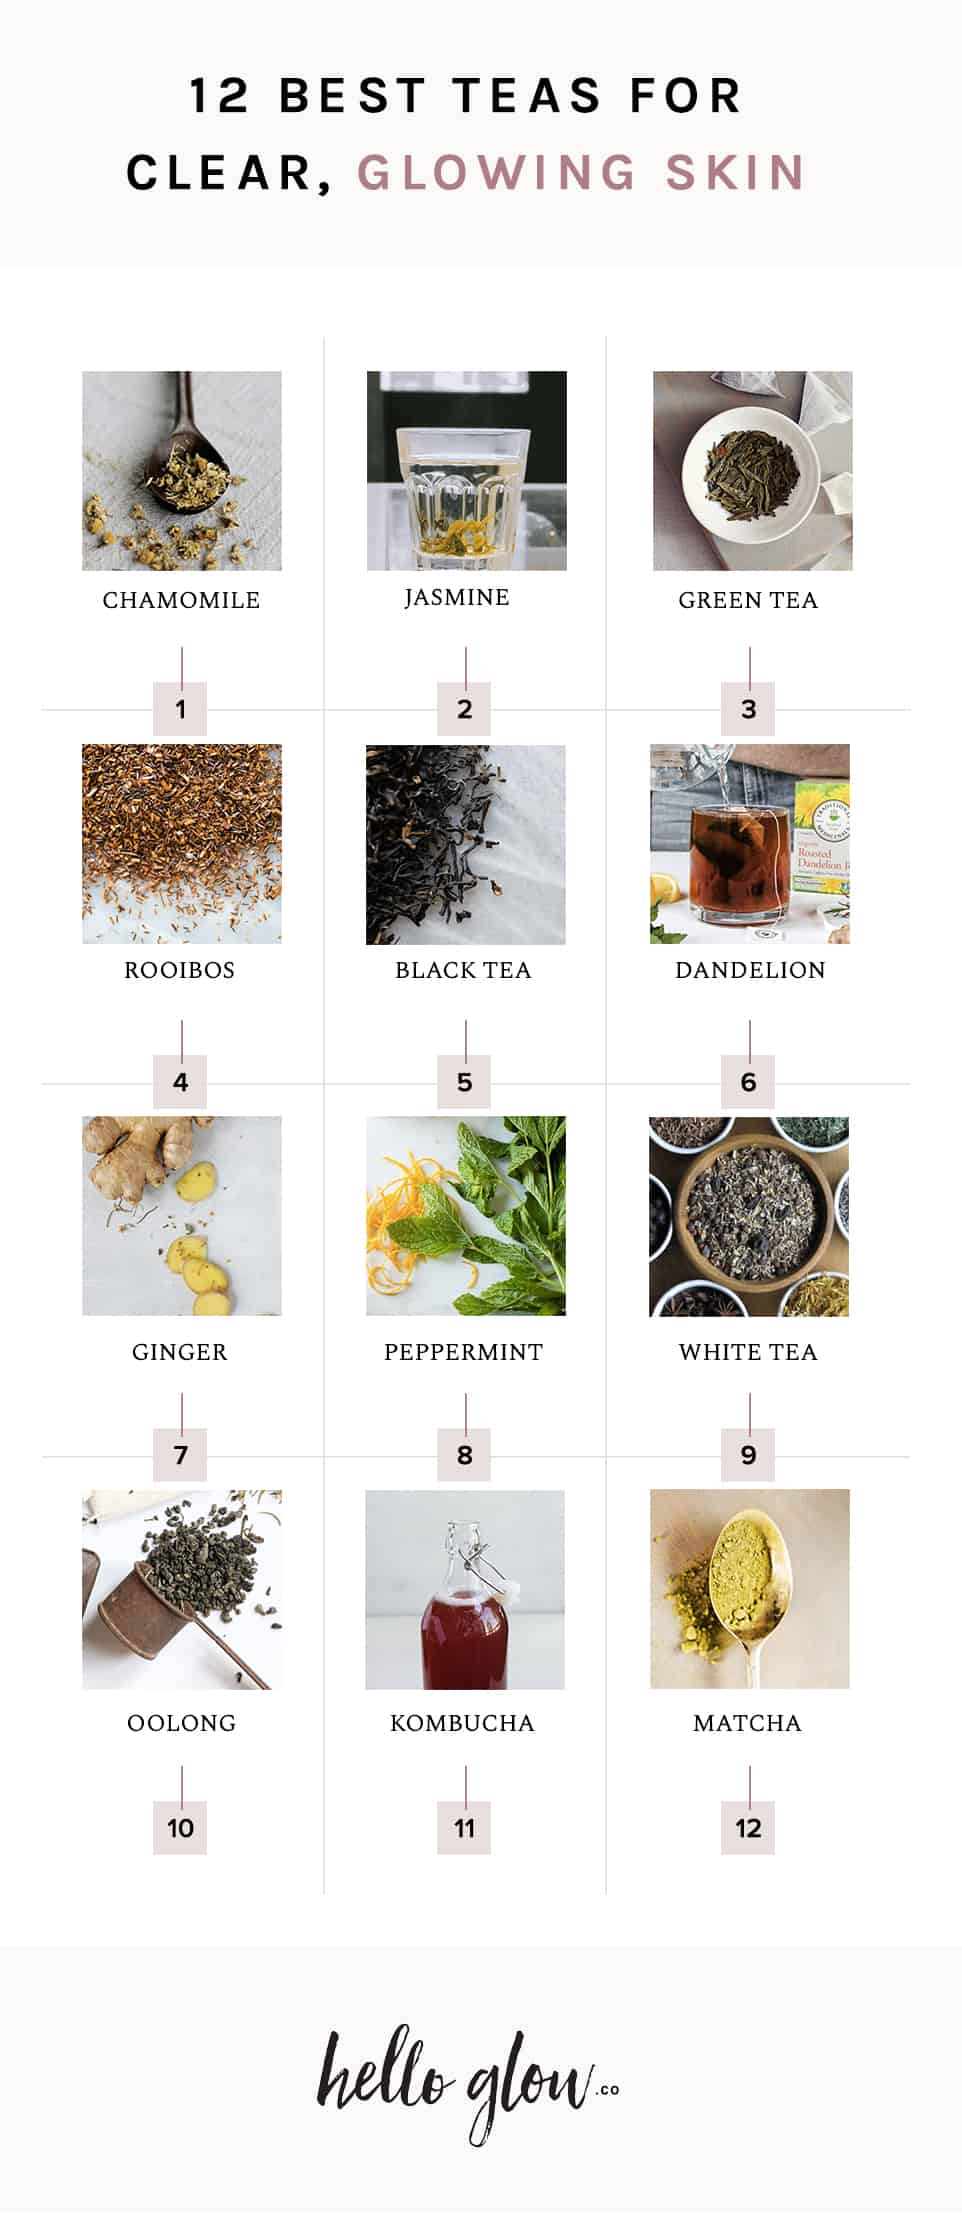 12 bästa teer för klar, strålande hud - HelloGlow.co